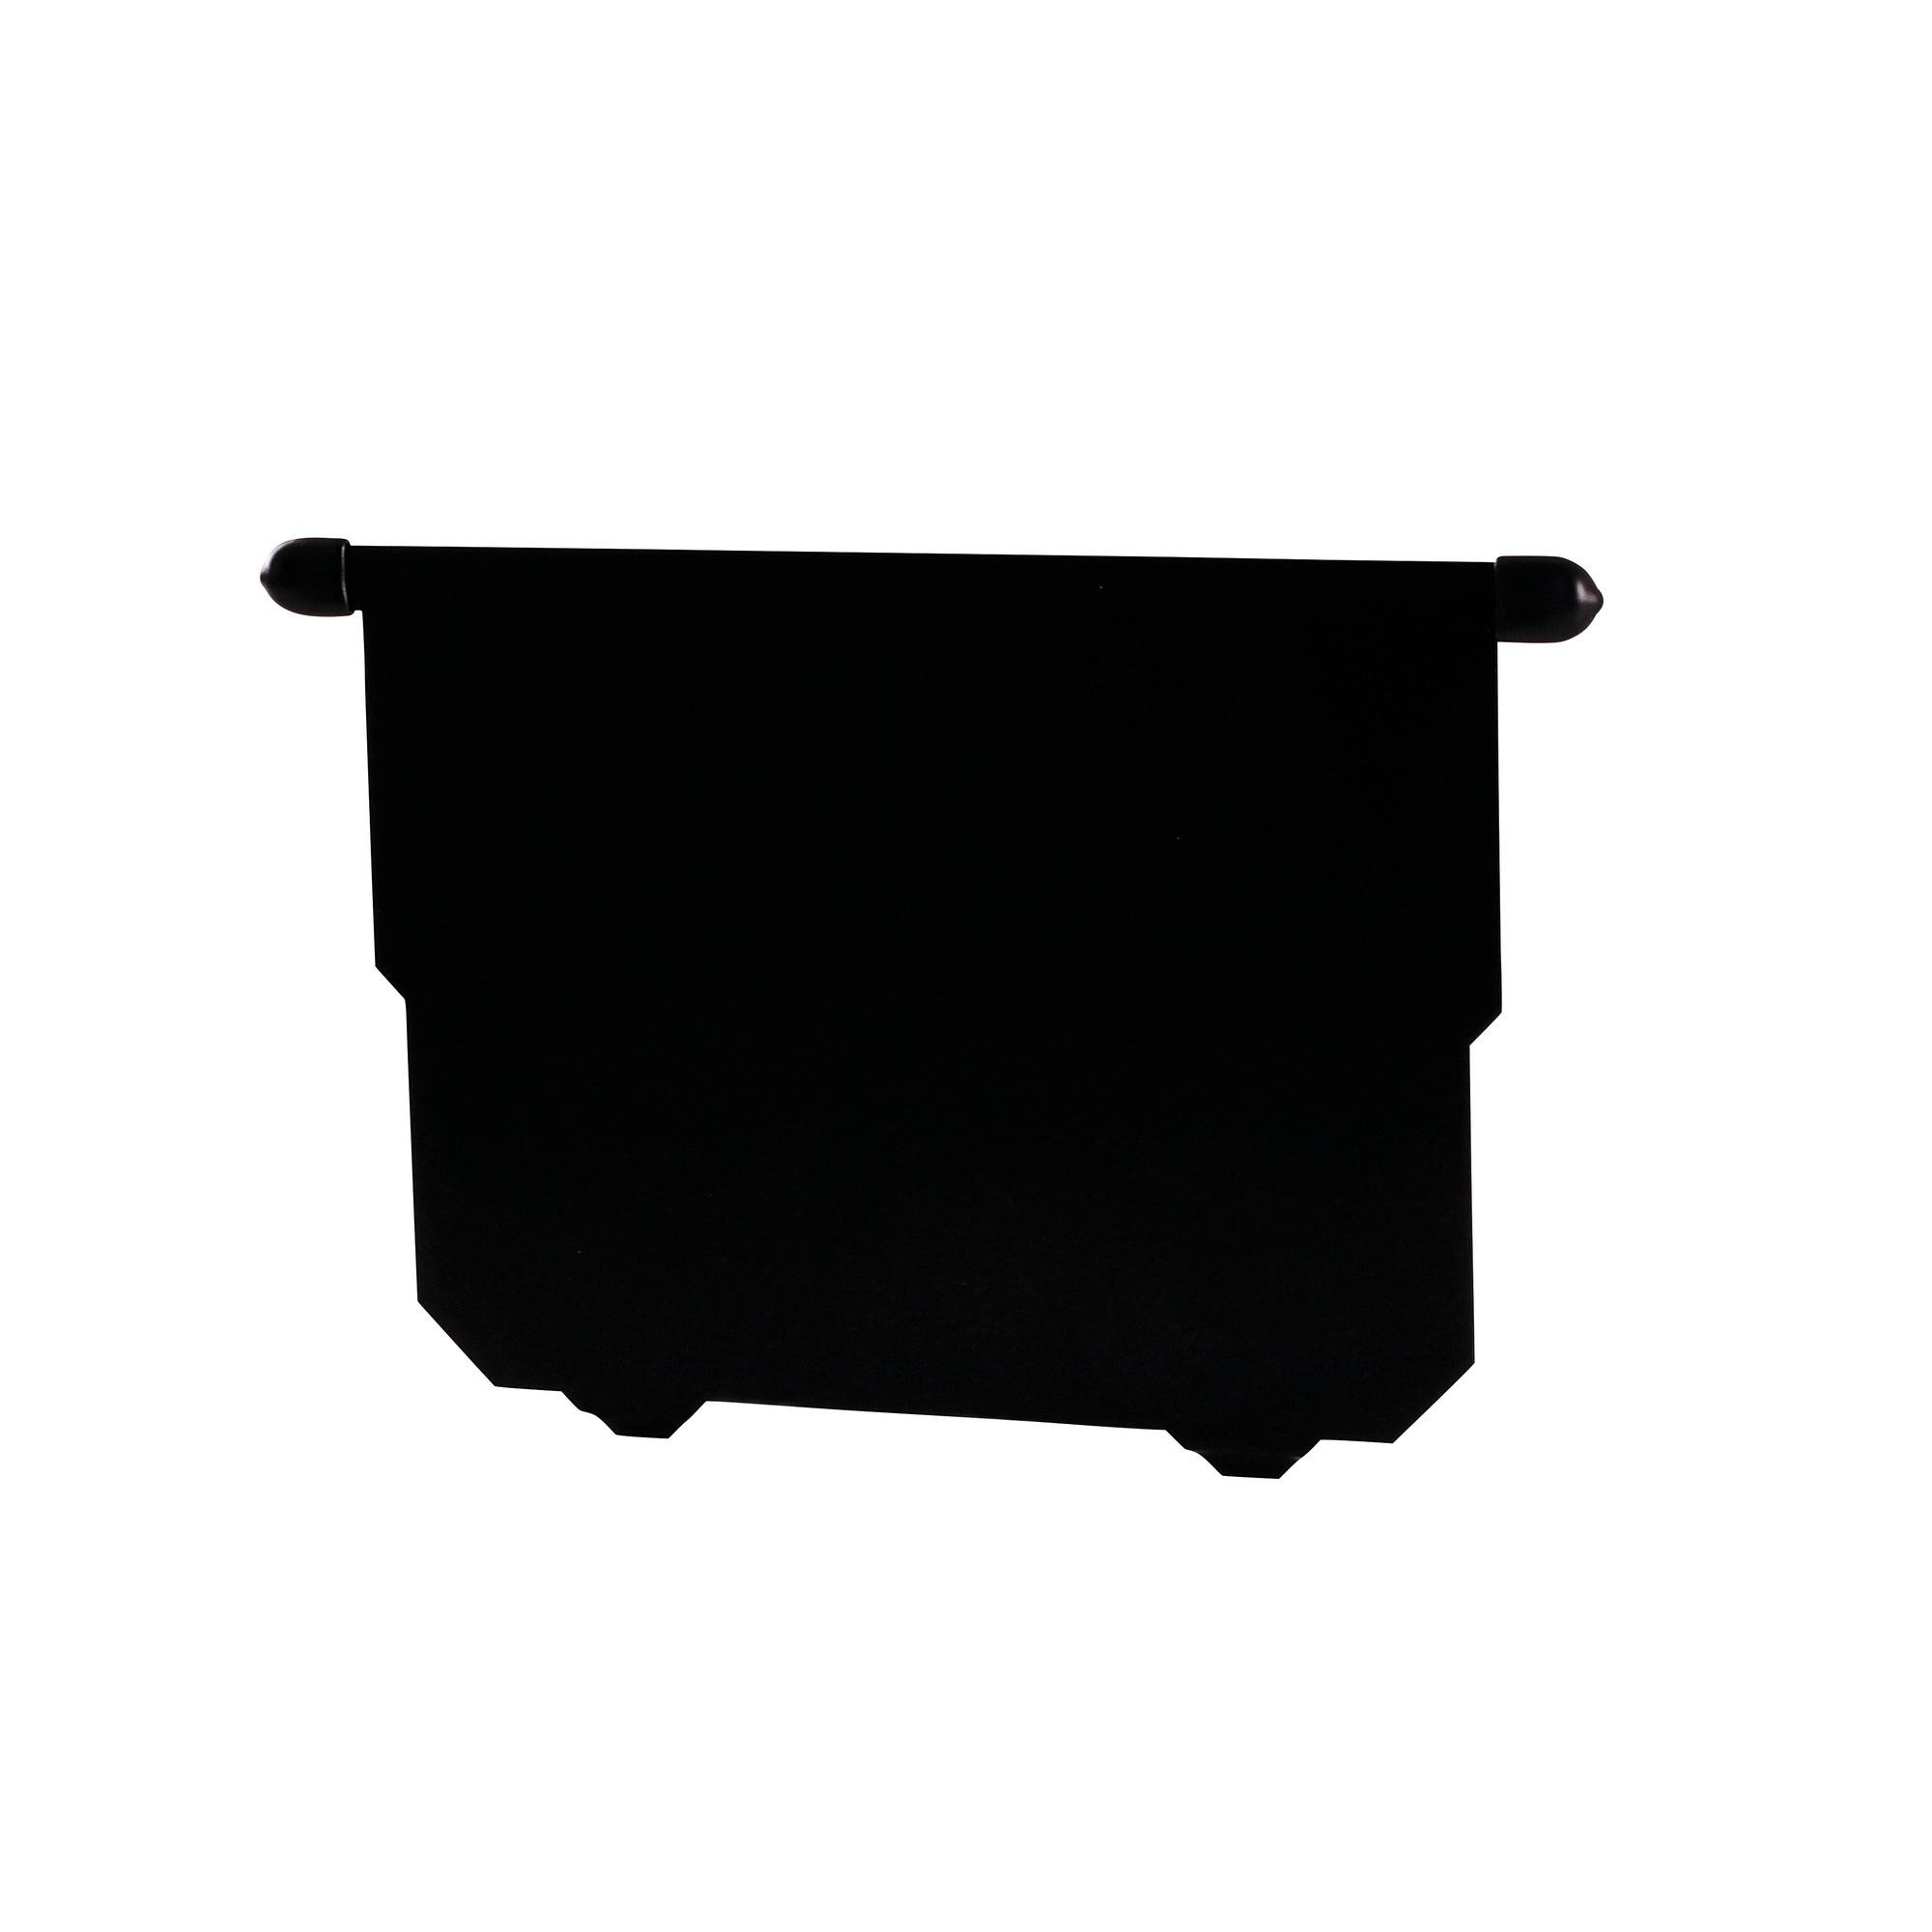 Séparateur supplémentaire pour armoire de classement - Ruck